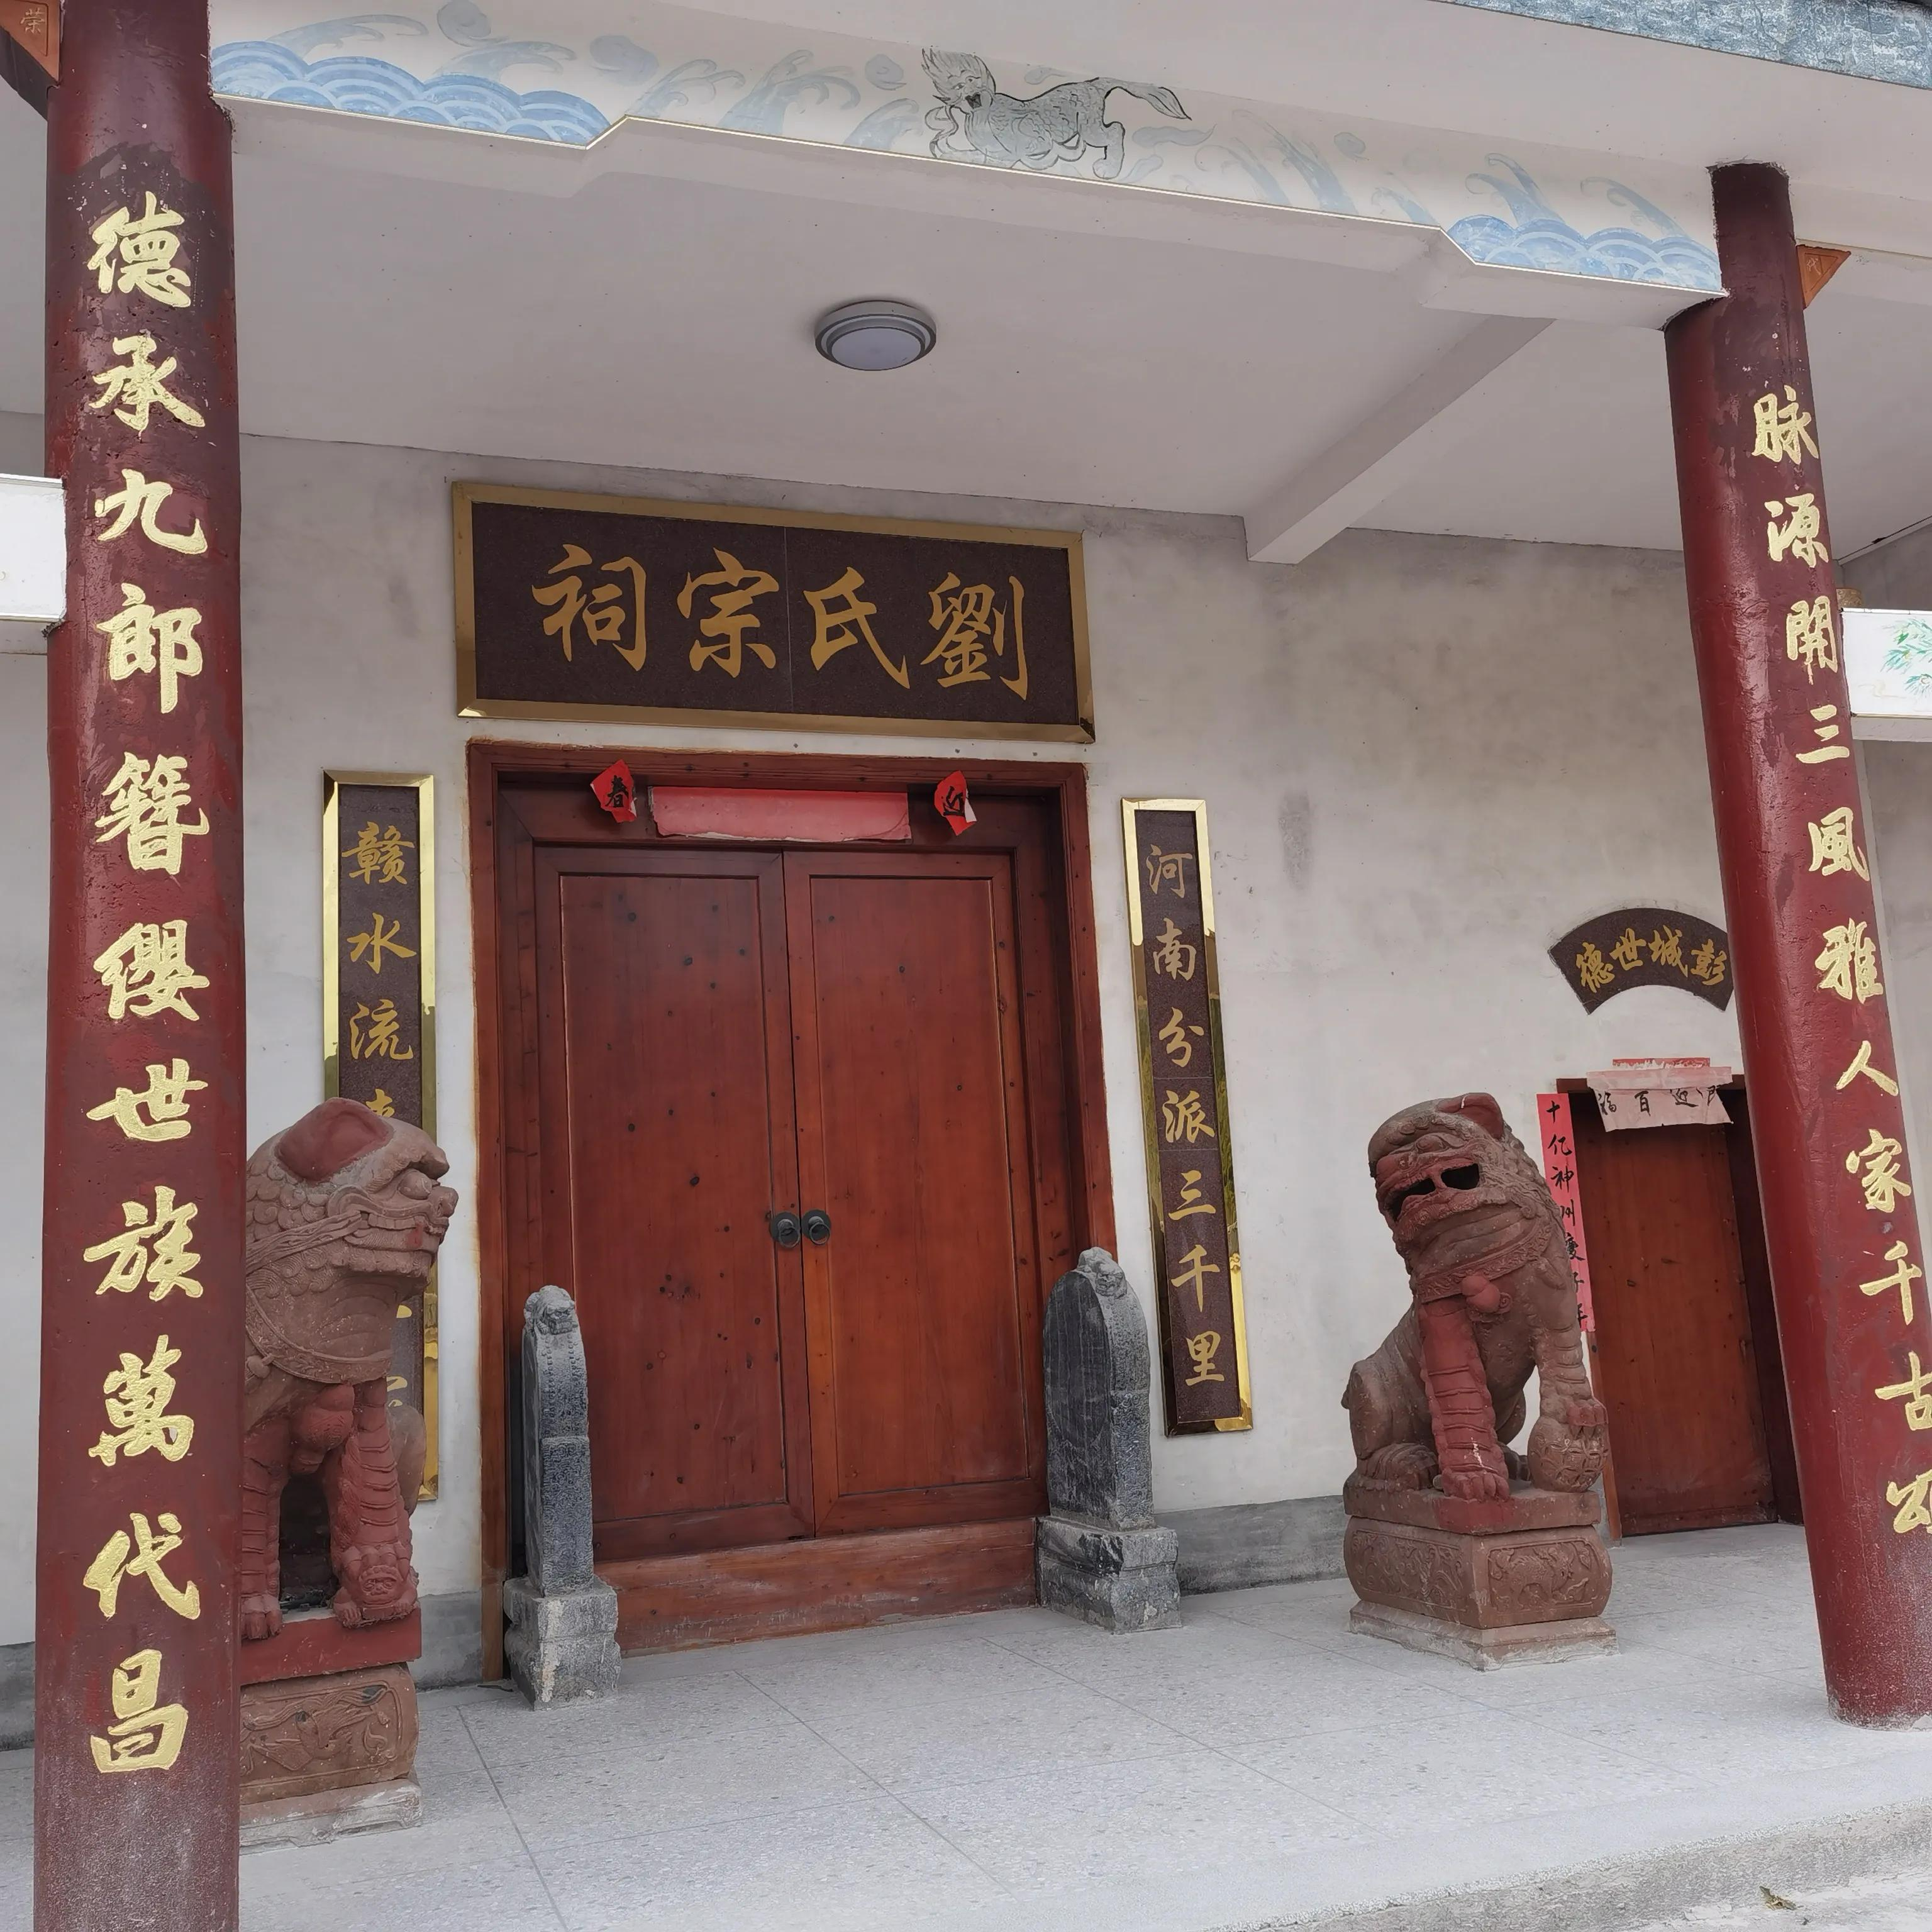 """崇义化山村刘氏宗祠号称""""赣水第一家"""",宗祠建在鲤鱼山背上"""